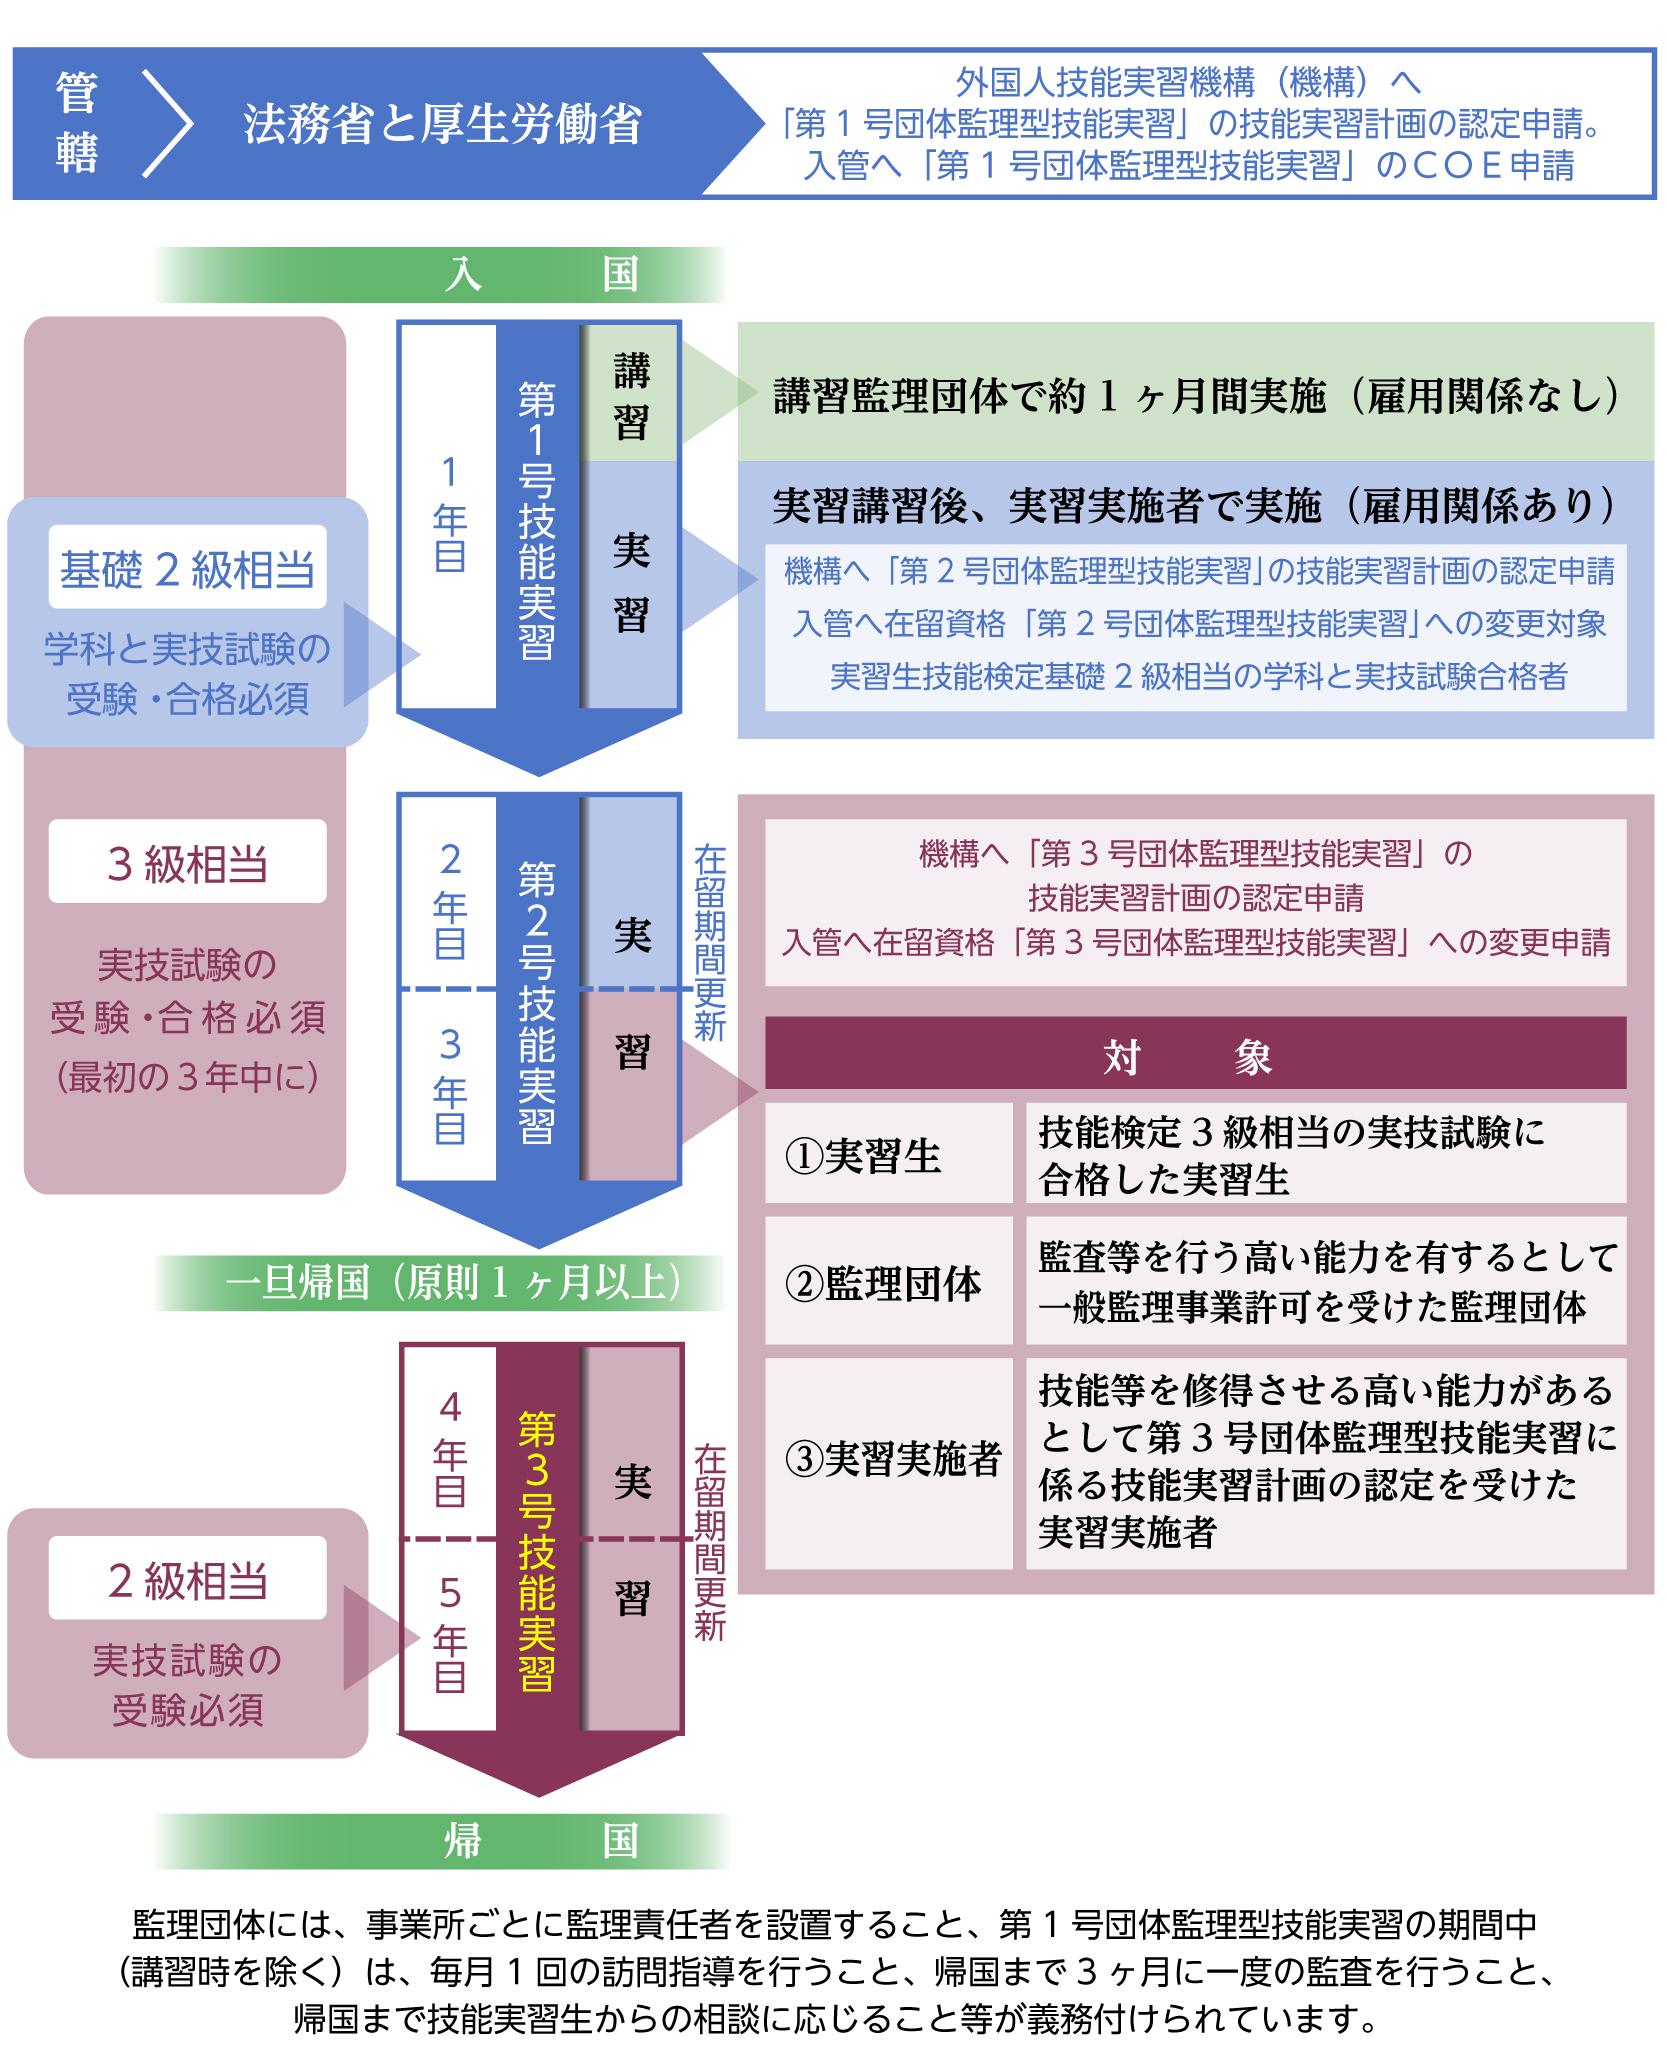 外国人技能実習の主な流れ